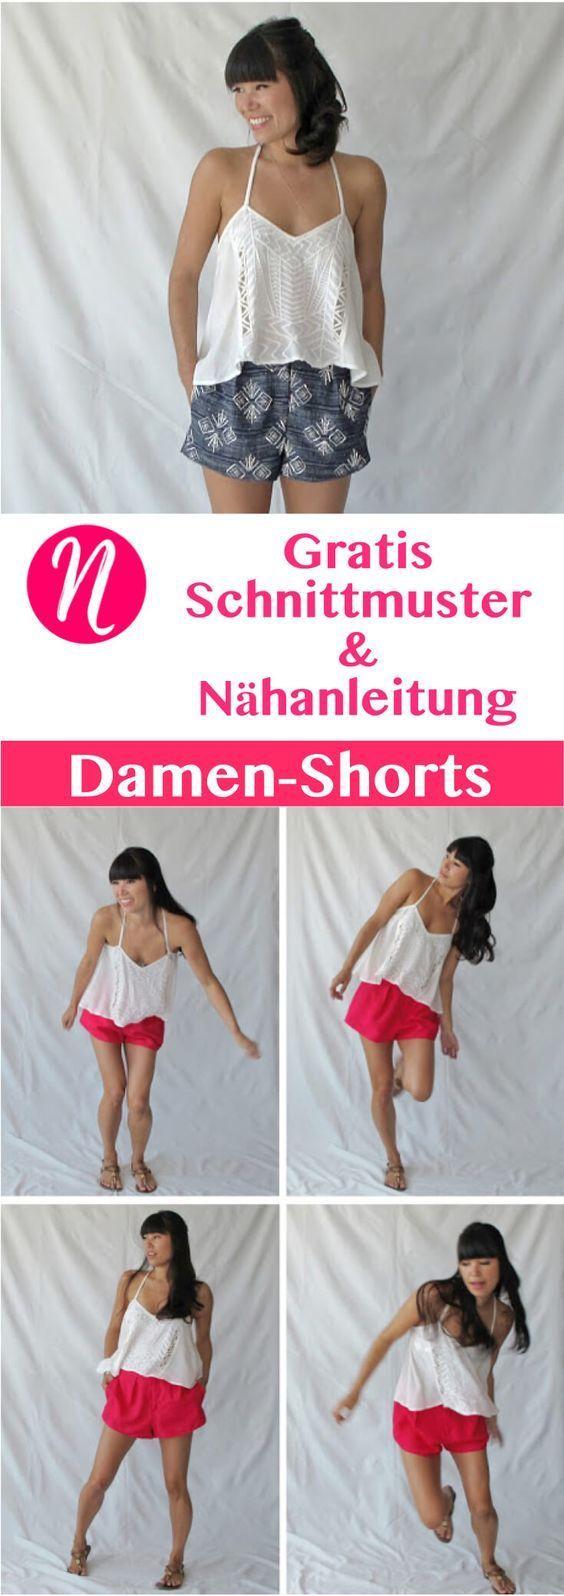 253 besten Hosen Bilder auf Pinterest | Schnittmuster, Hosen und ...